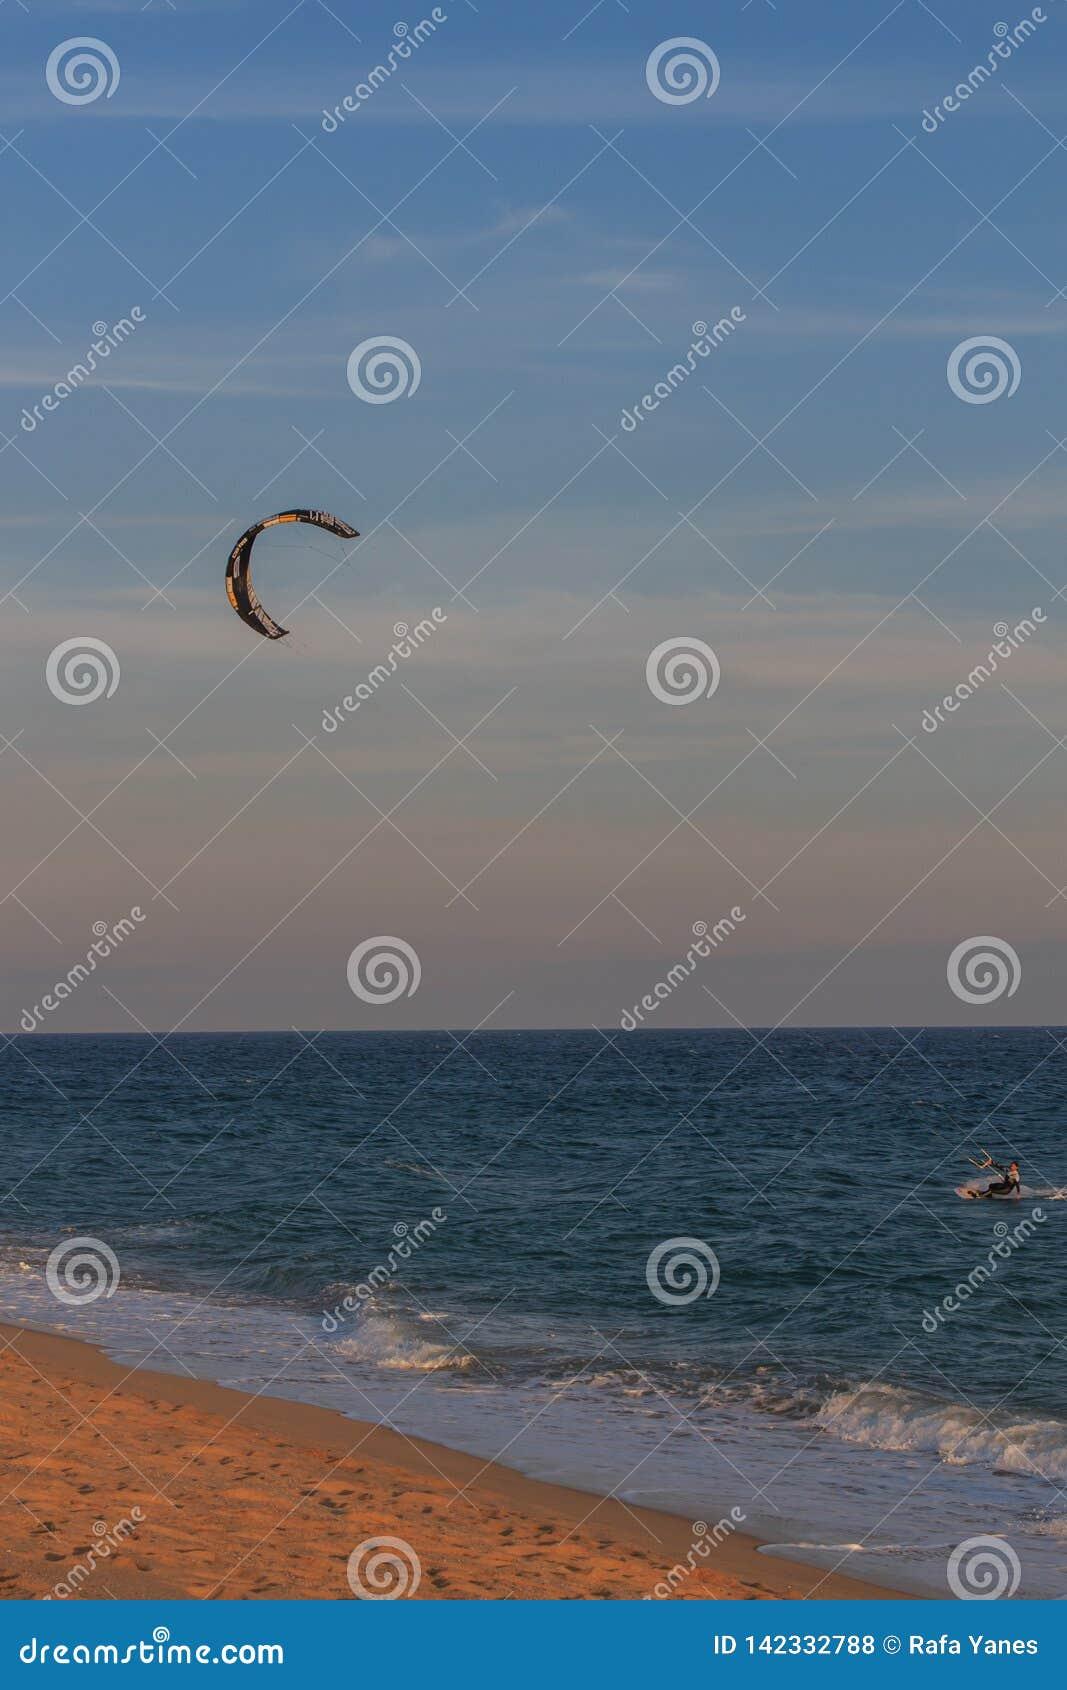 Cabrera de marcha, Barcelona/España; 02 08 2019: Una buena tarde para practicar el windsurf y Kitesurfing Flysurf en la playa de